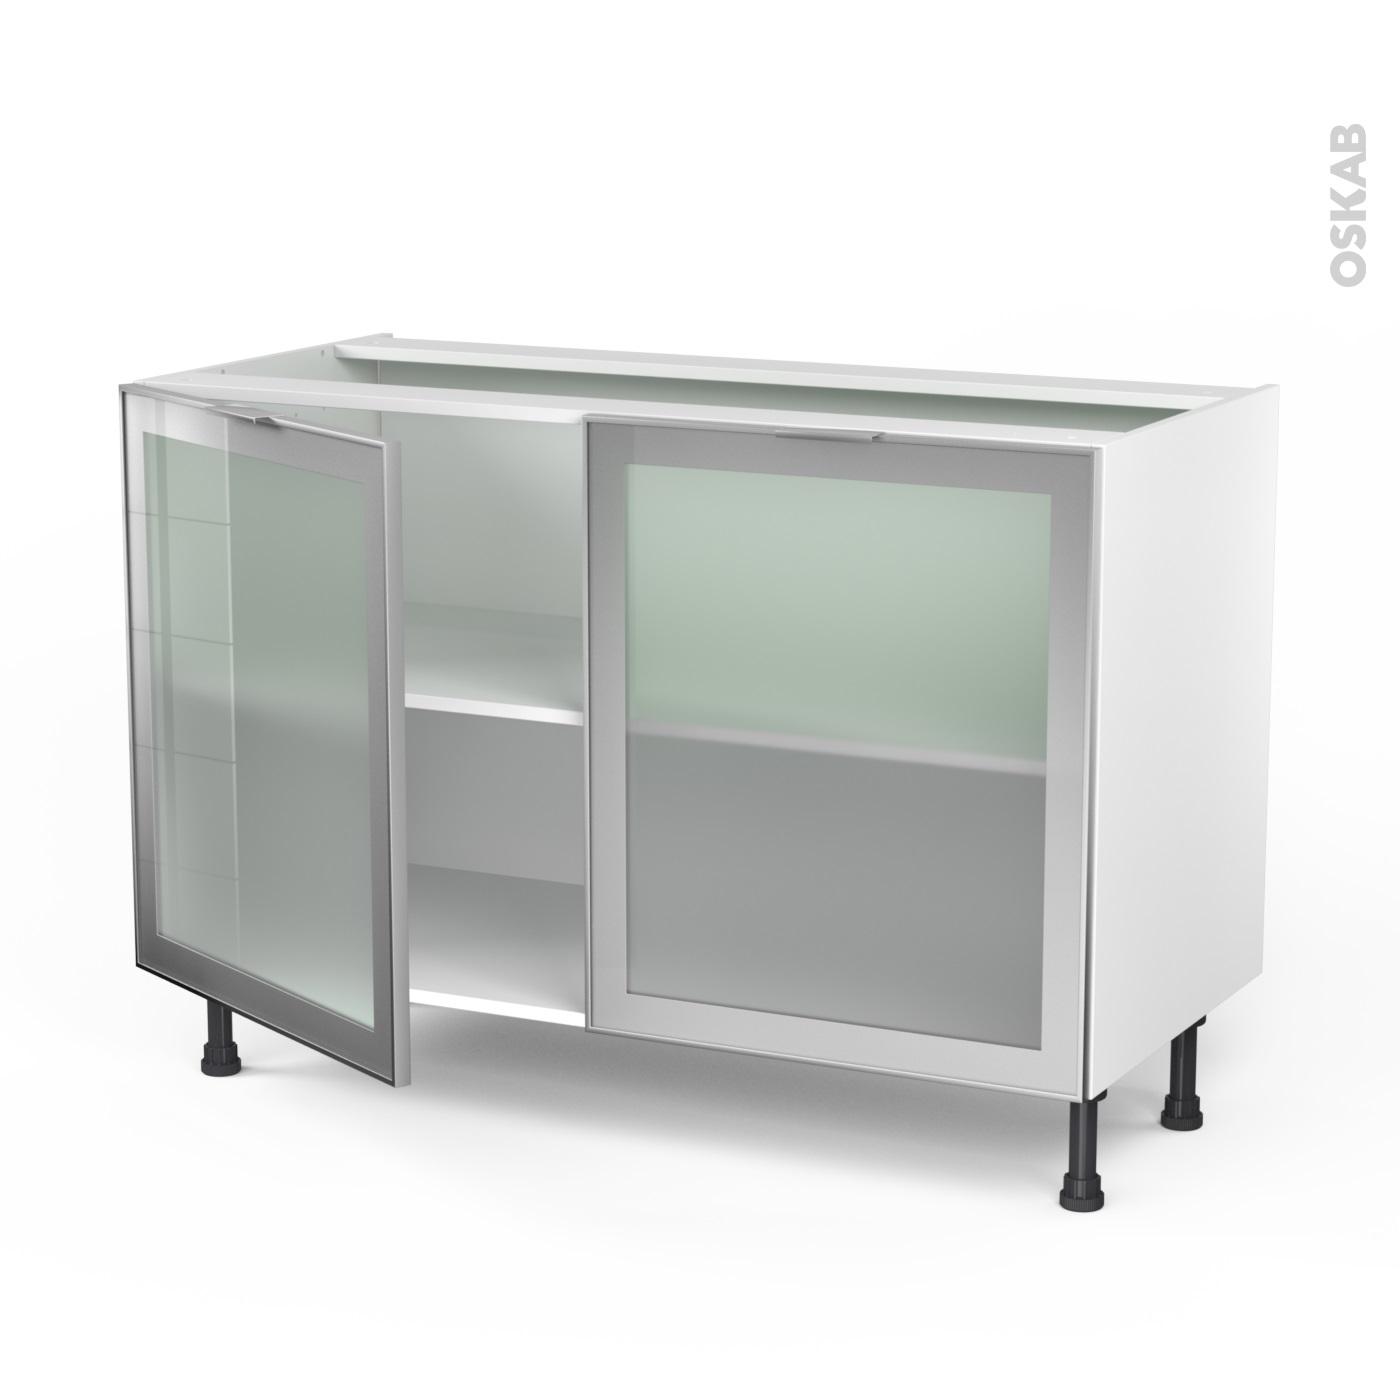 Meuble de cuisine Bas vitré Façade alu 2 portes L120 x H70 x P58 cm SOKLEO  - Oskab